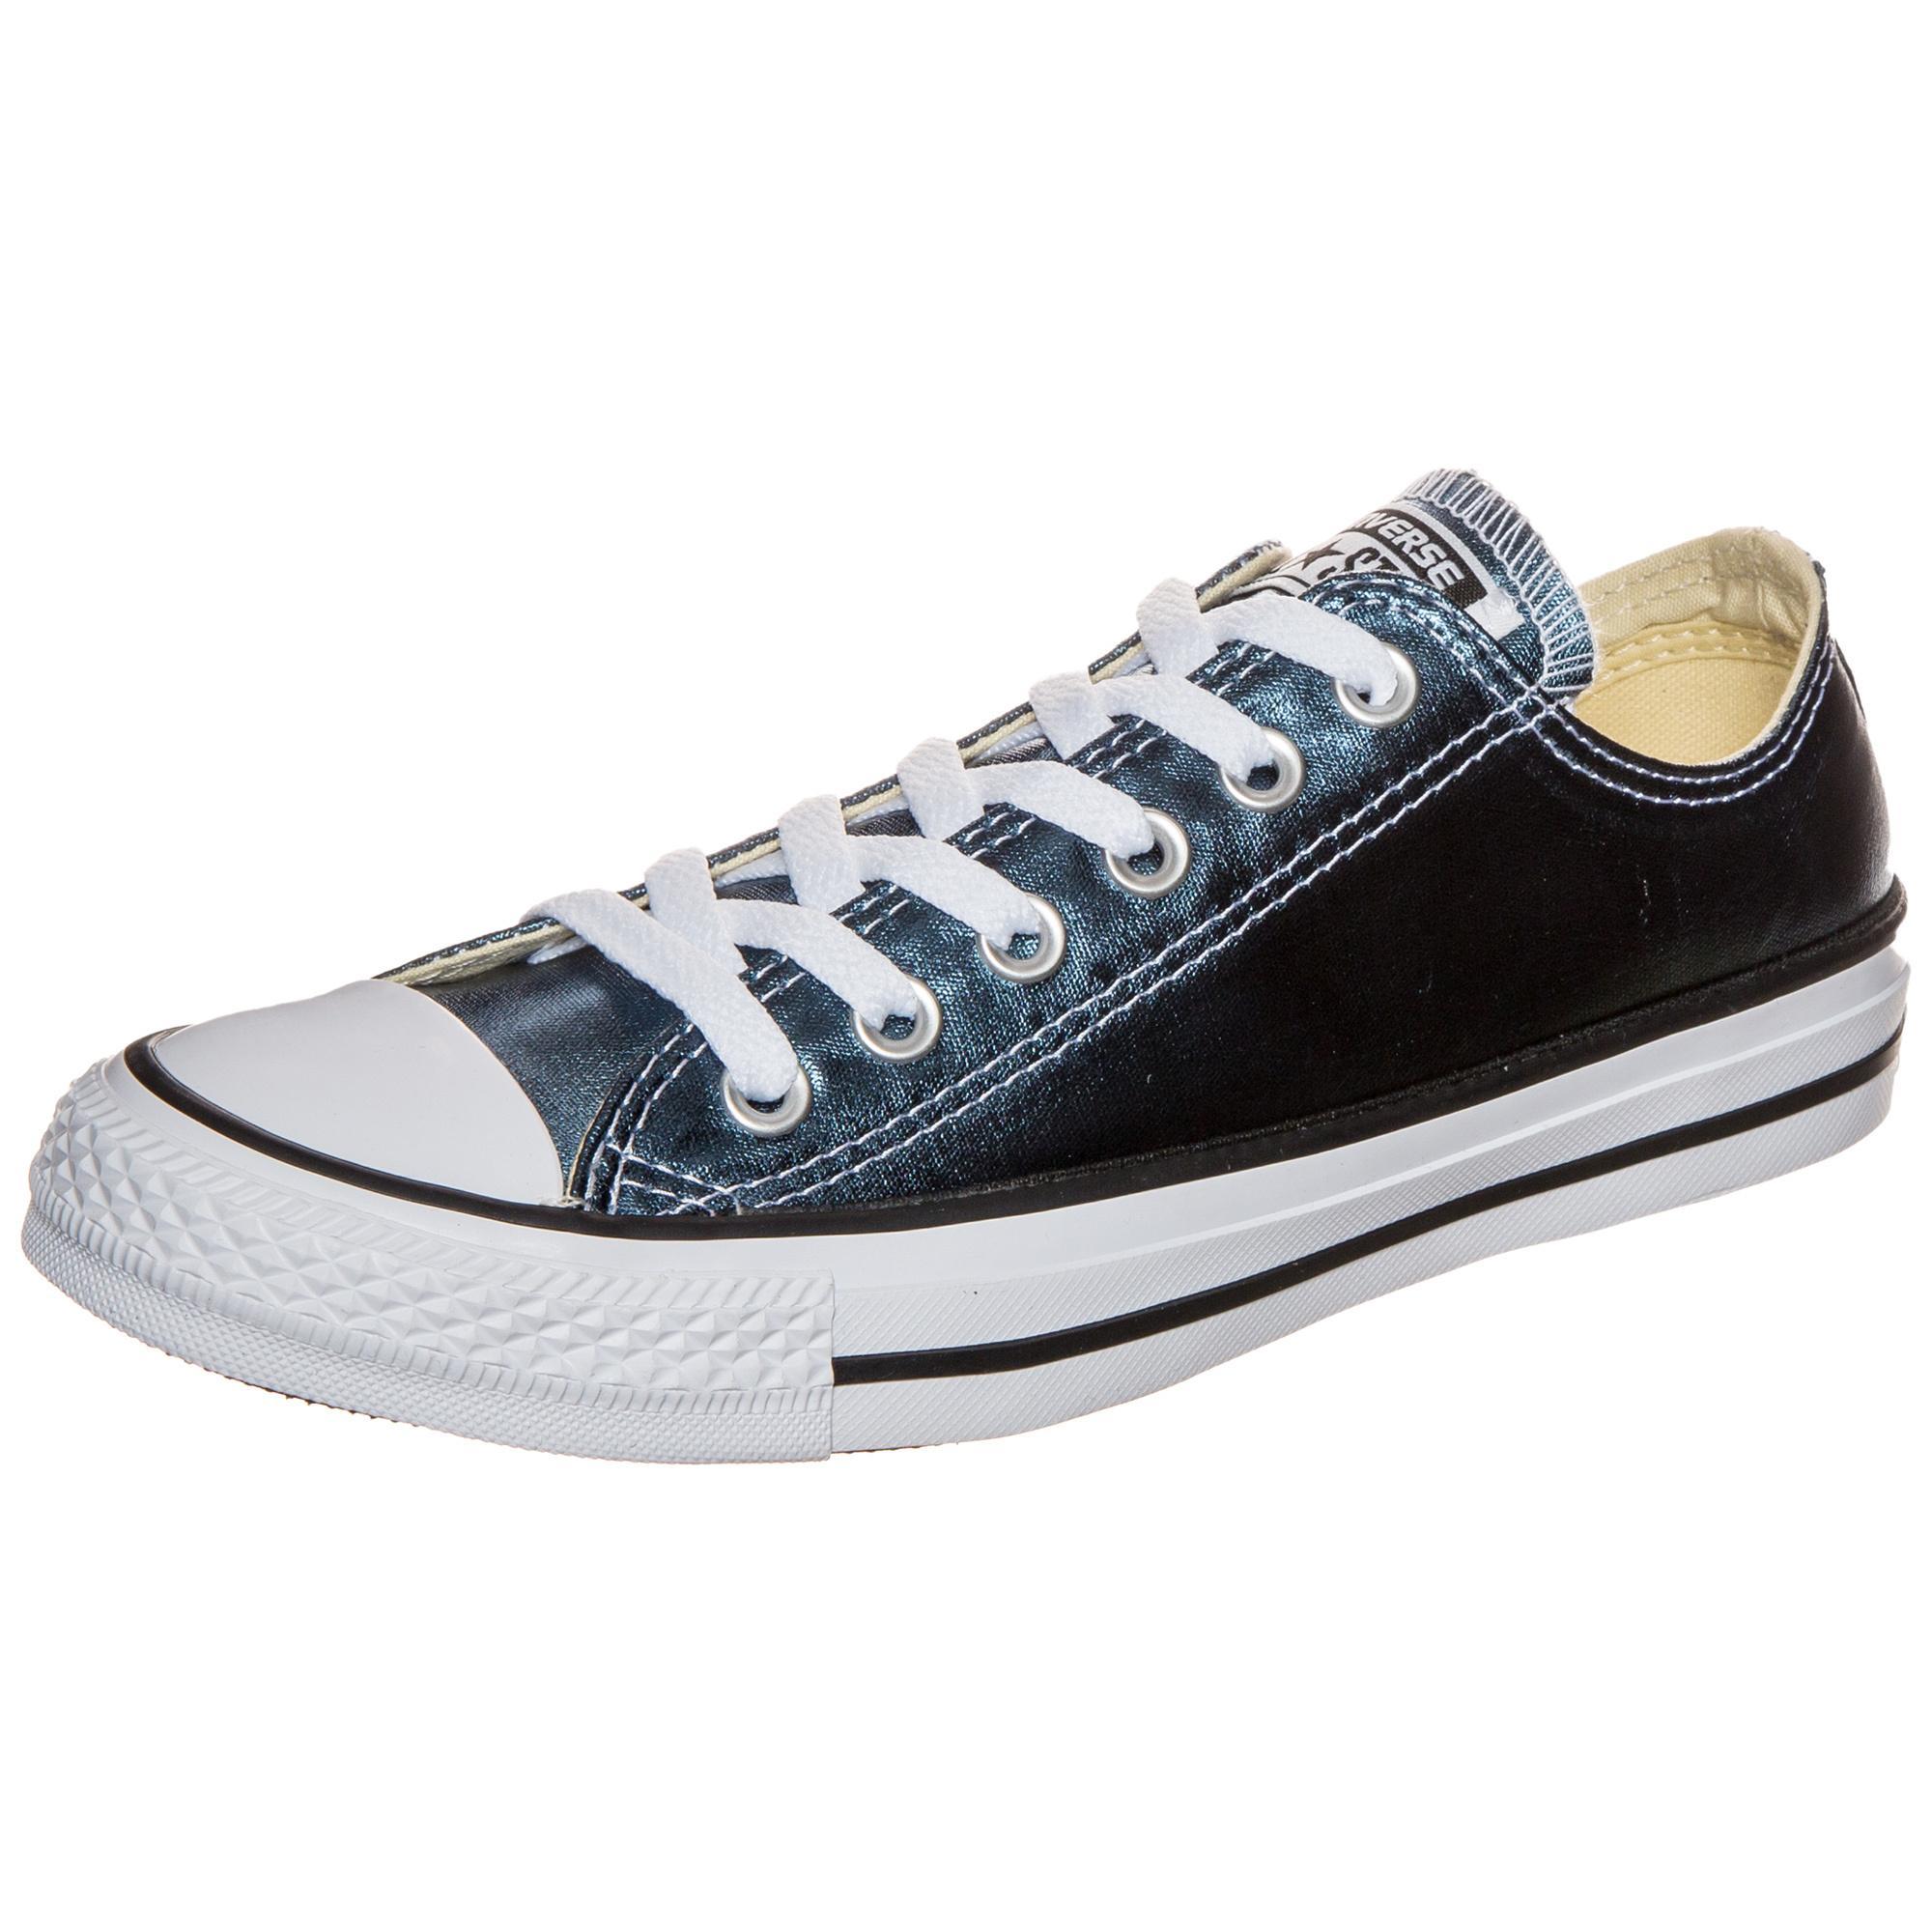 CONVERSE Chuck Taylor All Star Metallic Canvas Sneaker Damen blau metallic  / weiß im Online Shop von SportScheck kaufen